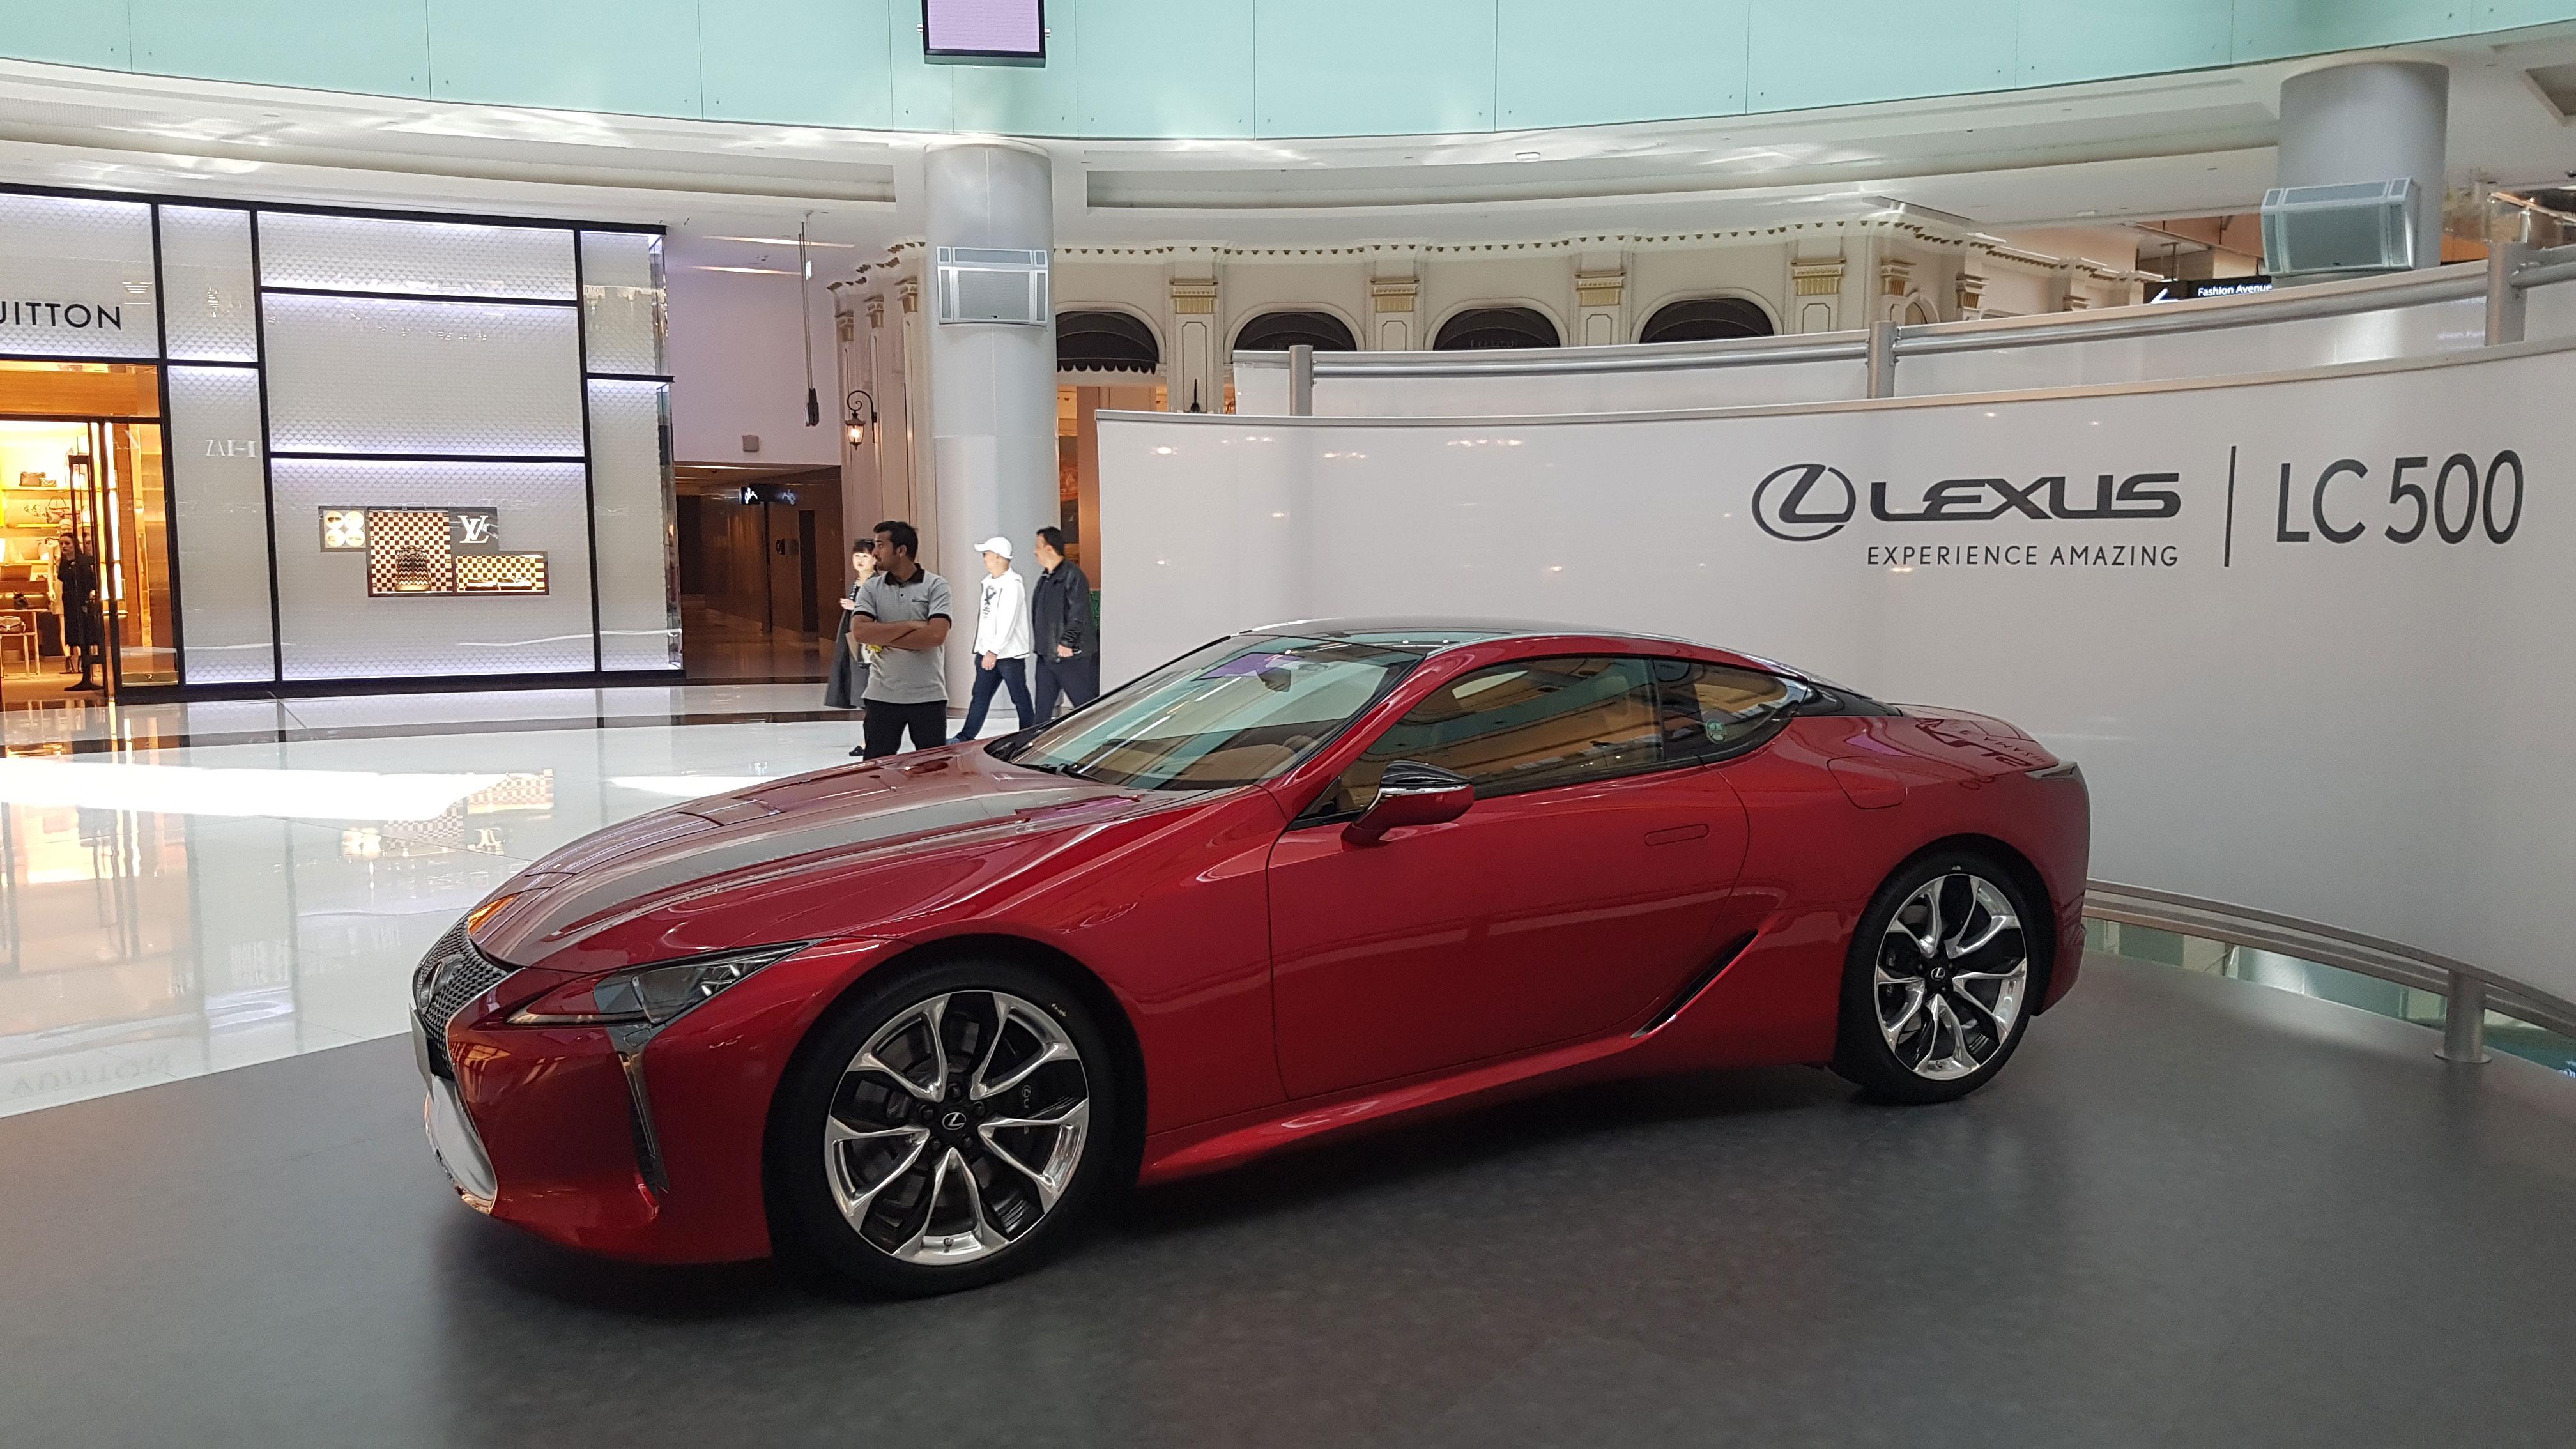 لكزس LC 500 كوبيه في أول ظهور لها في الإمارات